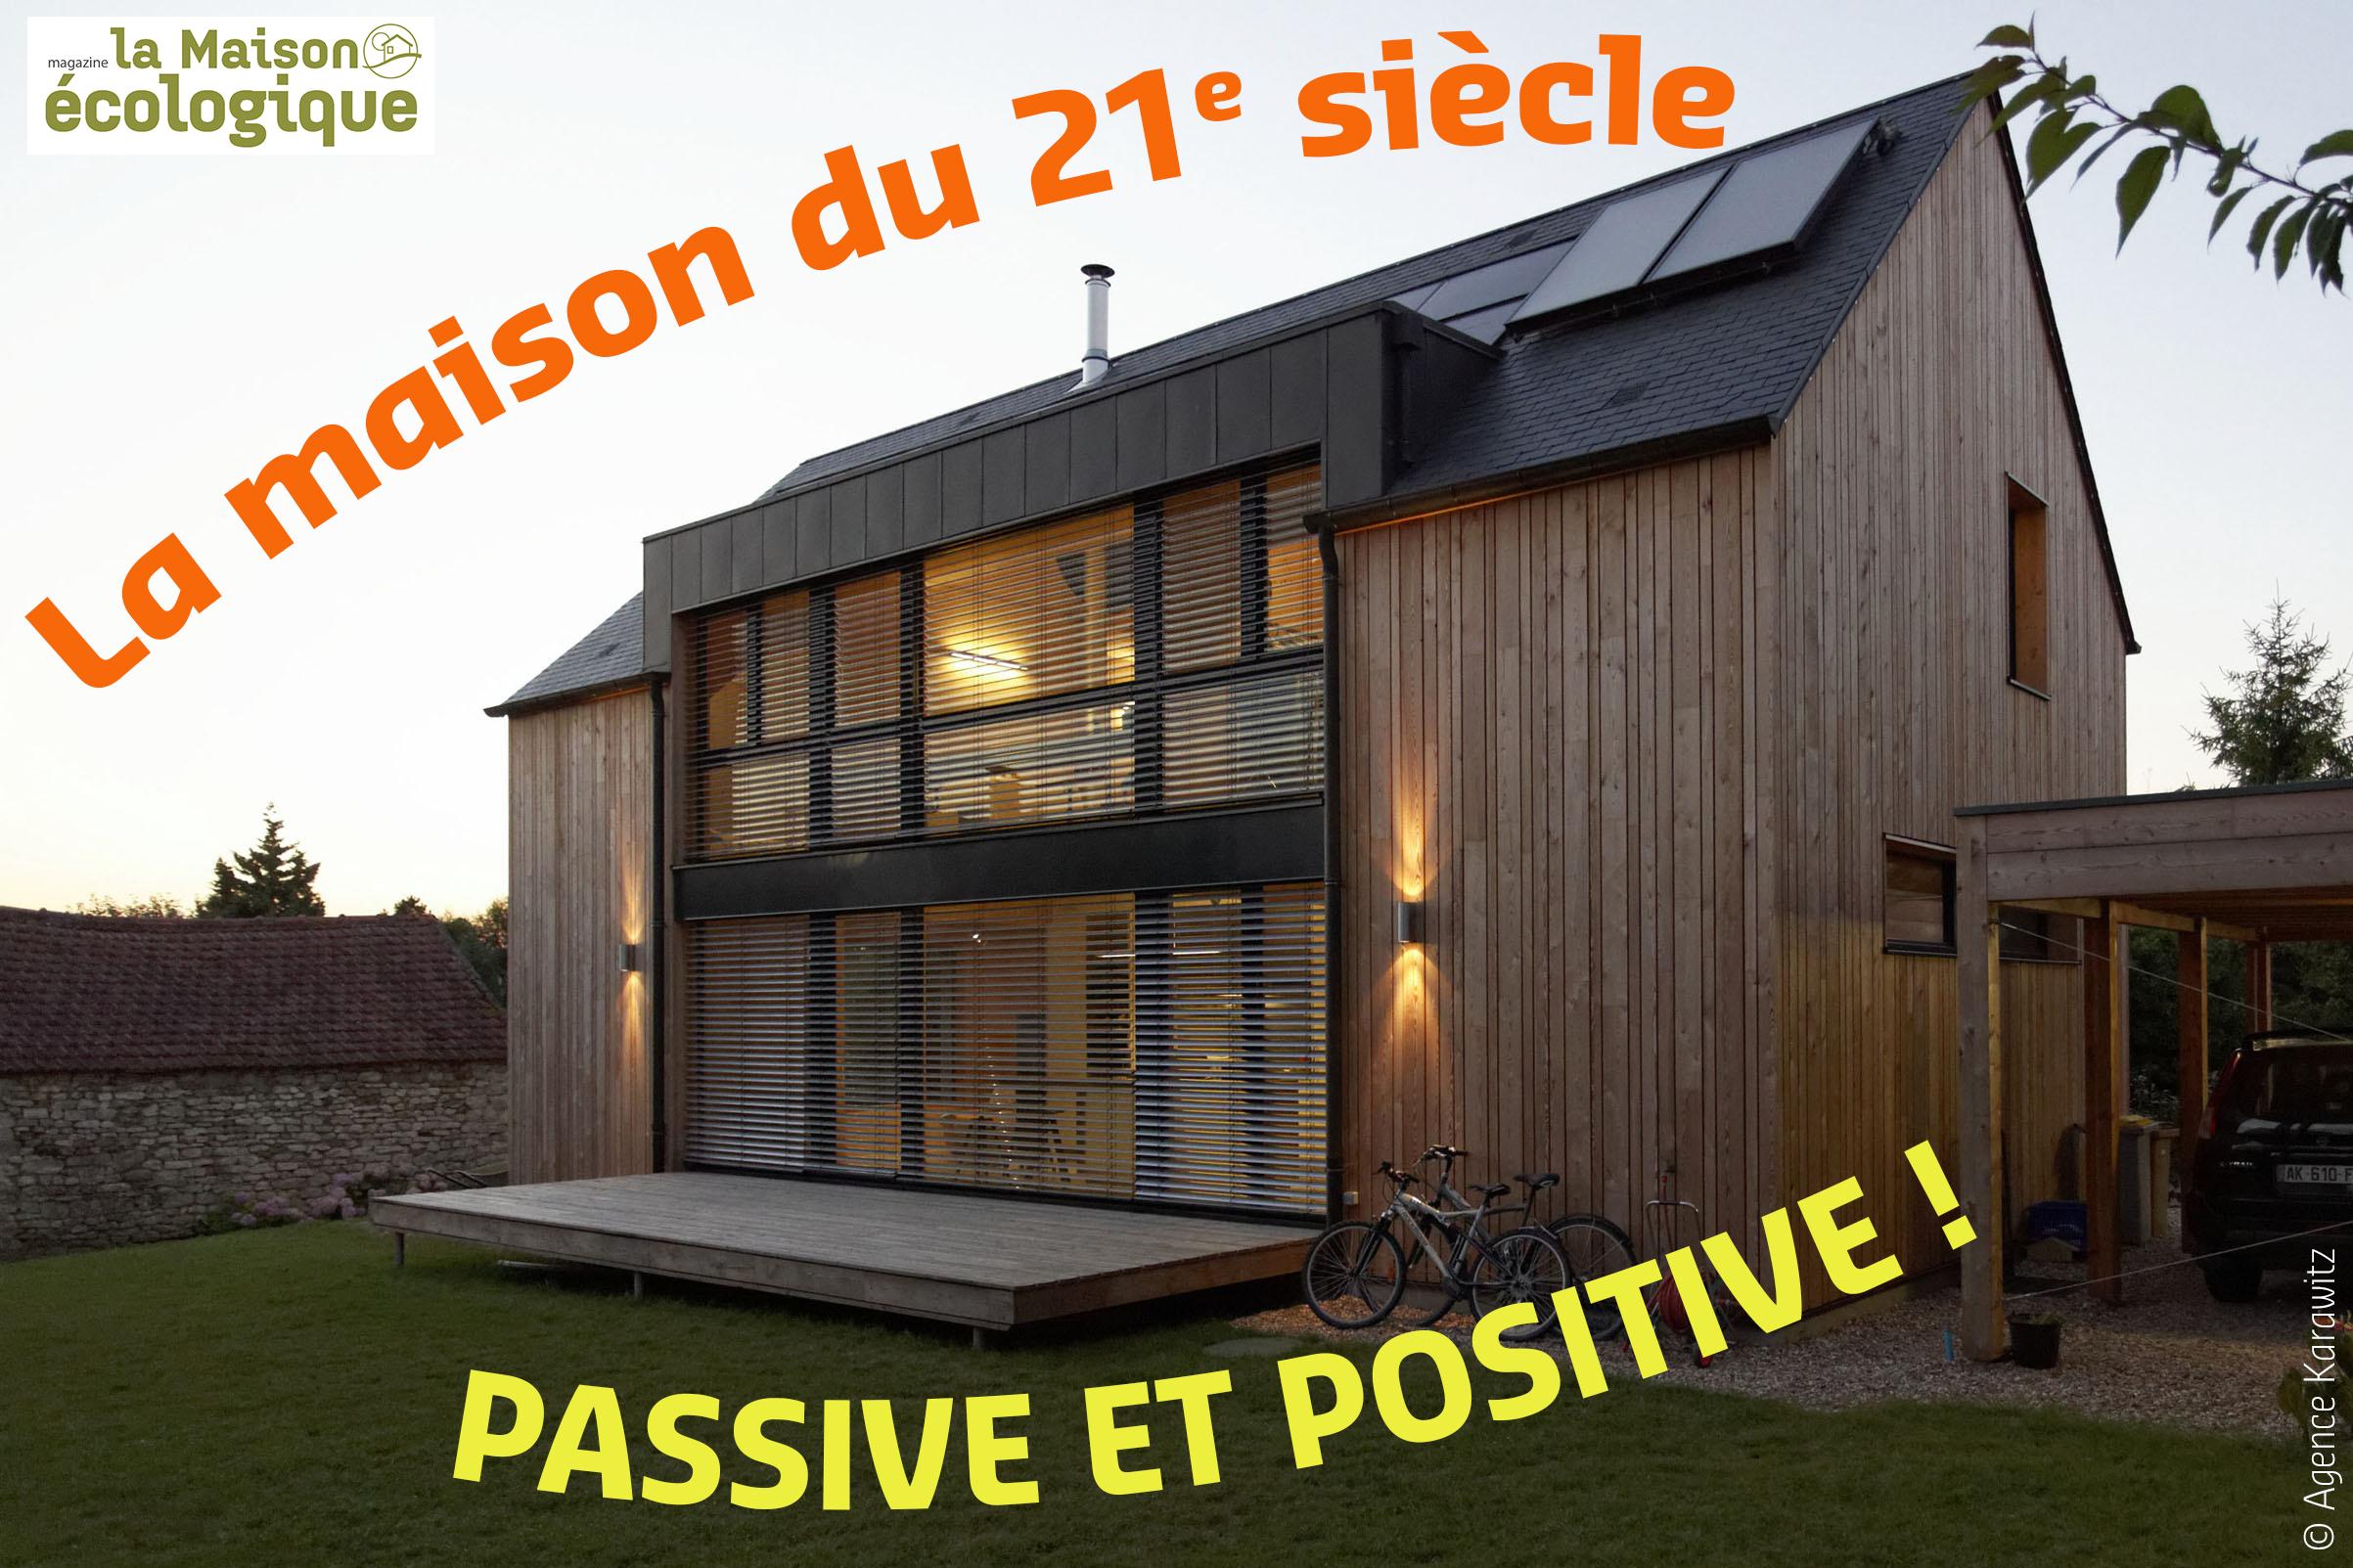 dossier de la maison ecologique special batiment passif et a energie positive